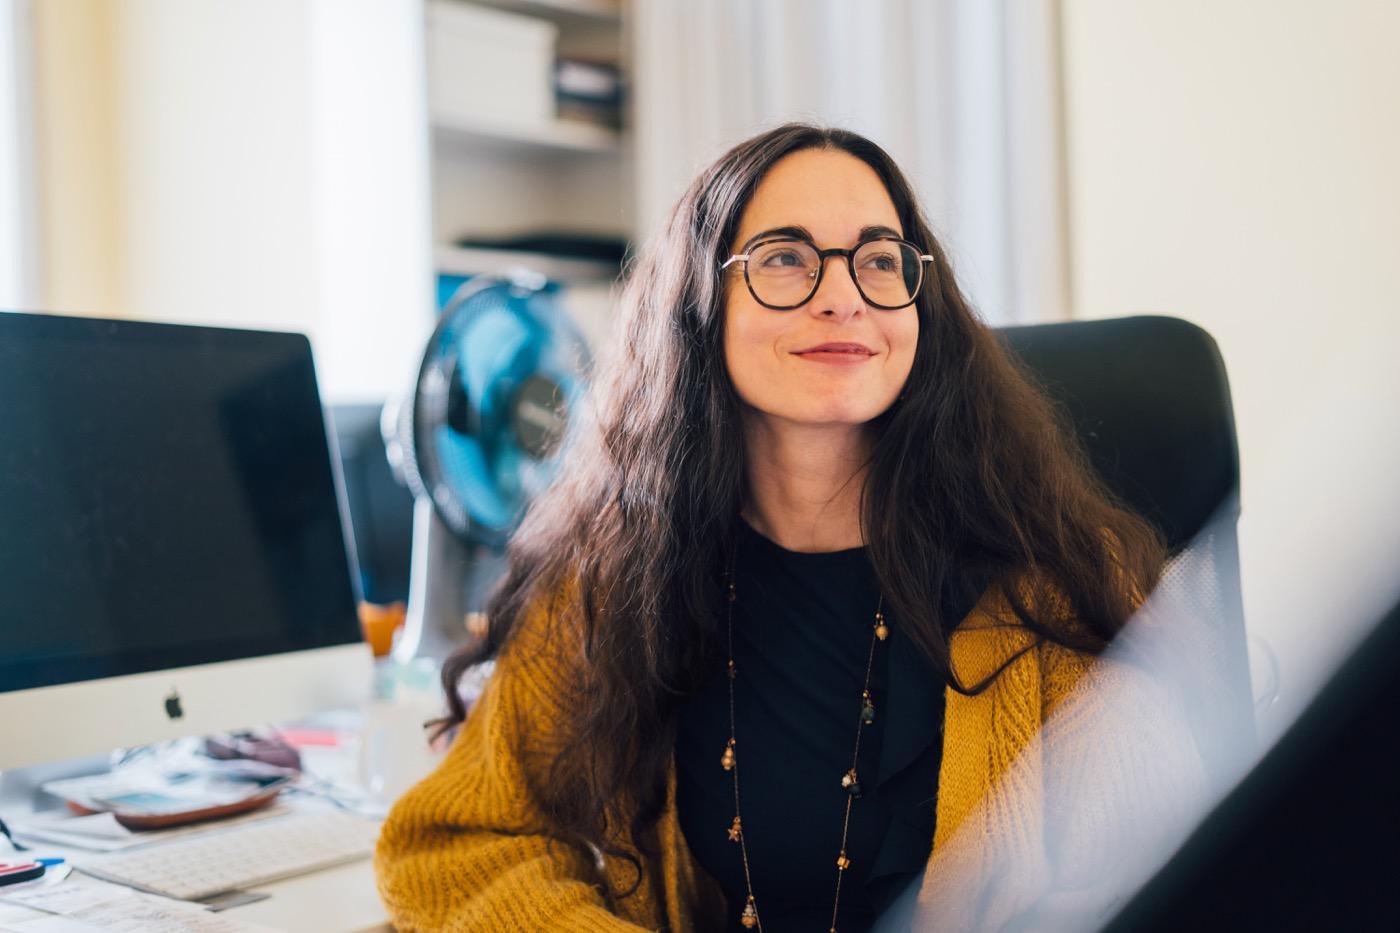 Marina Chernivsky kam in Lemberg (Lwiw) zur Welt und wuchs in Israel auf.